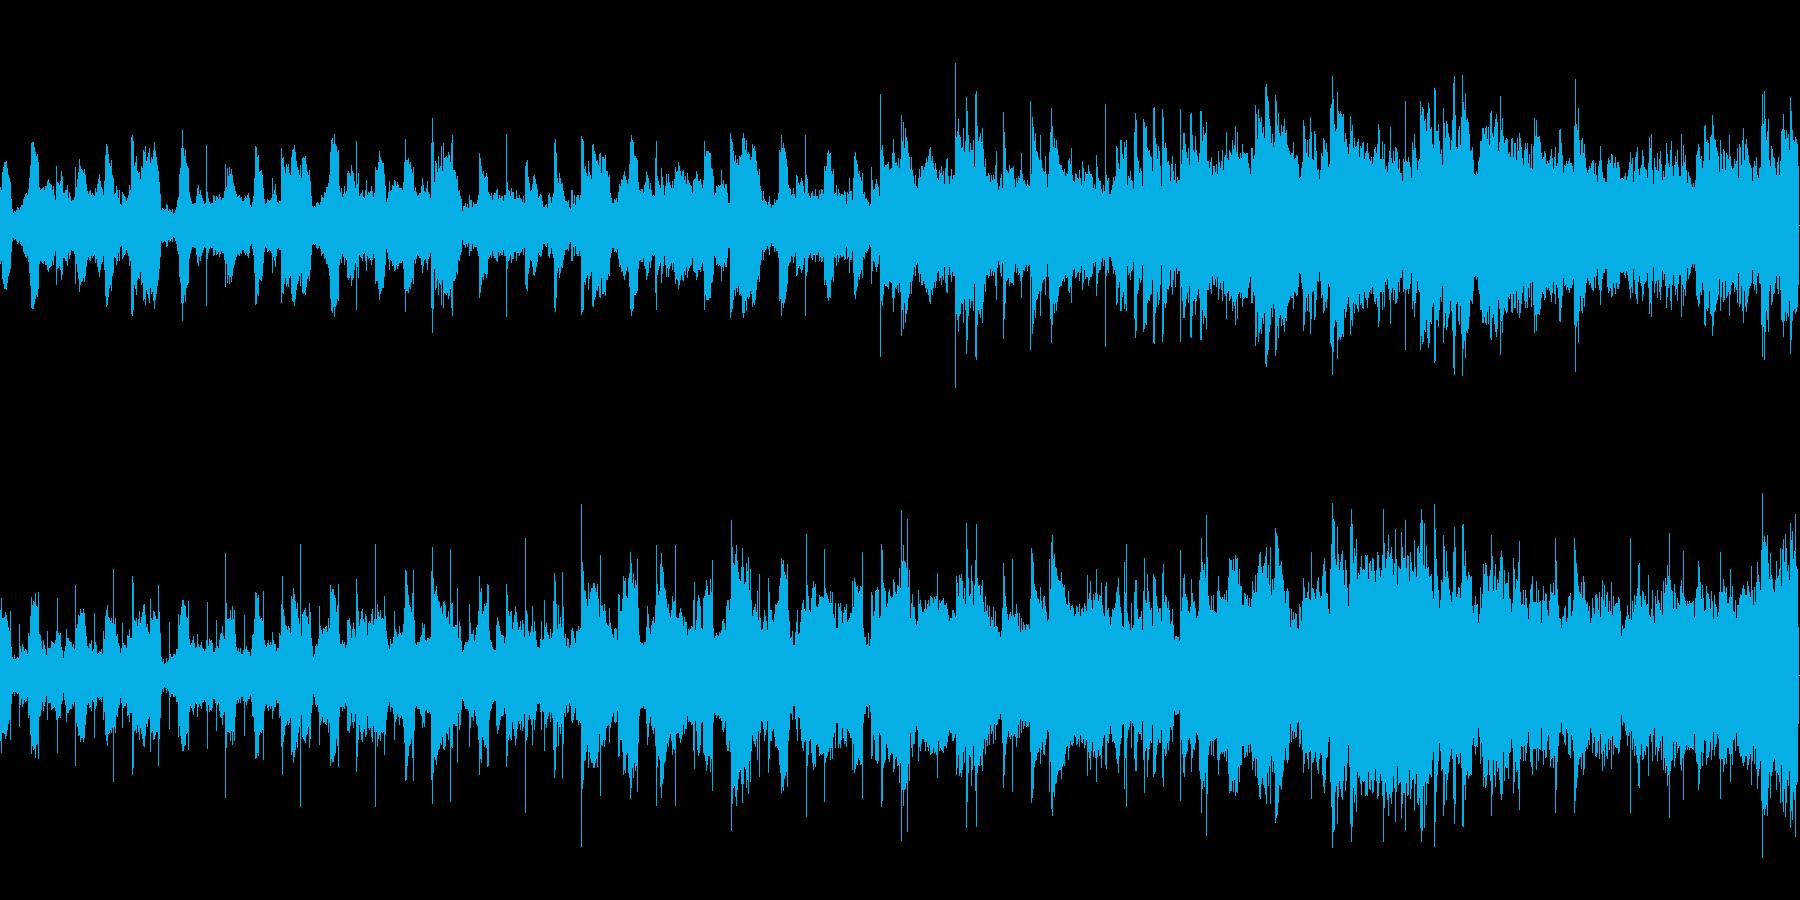 静かなフィールドをイメージして制作しま…の再生済みの波形